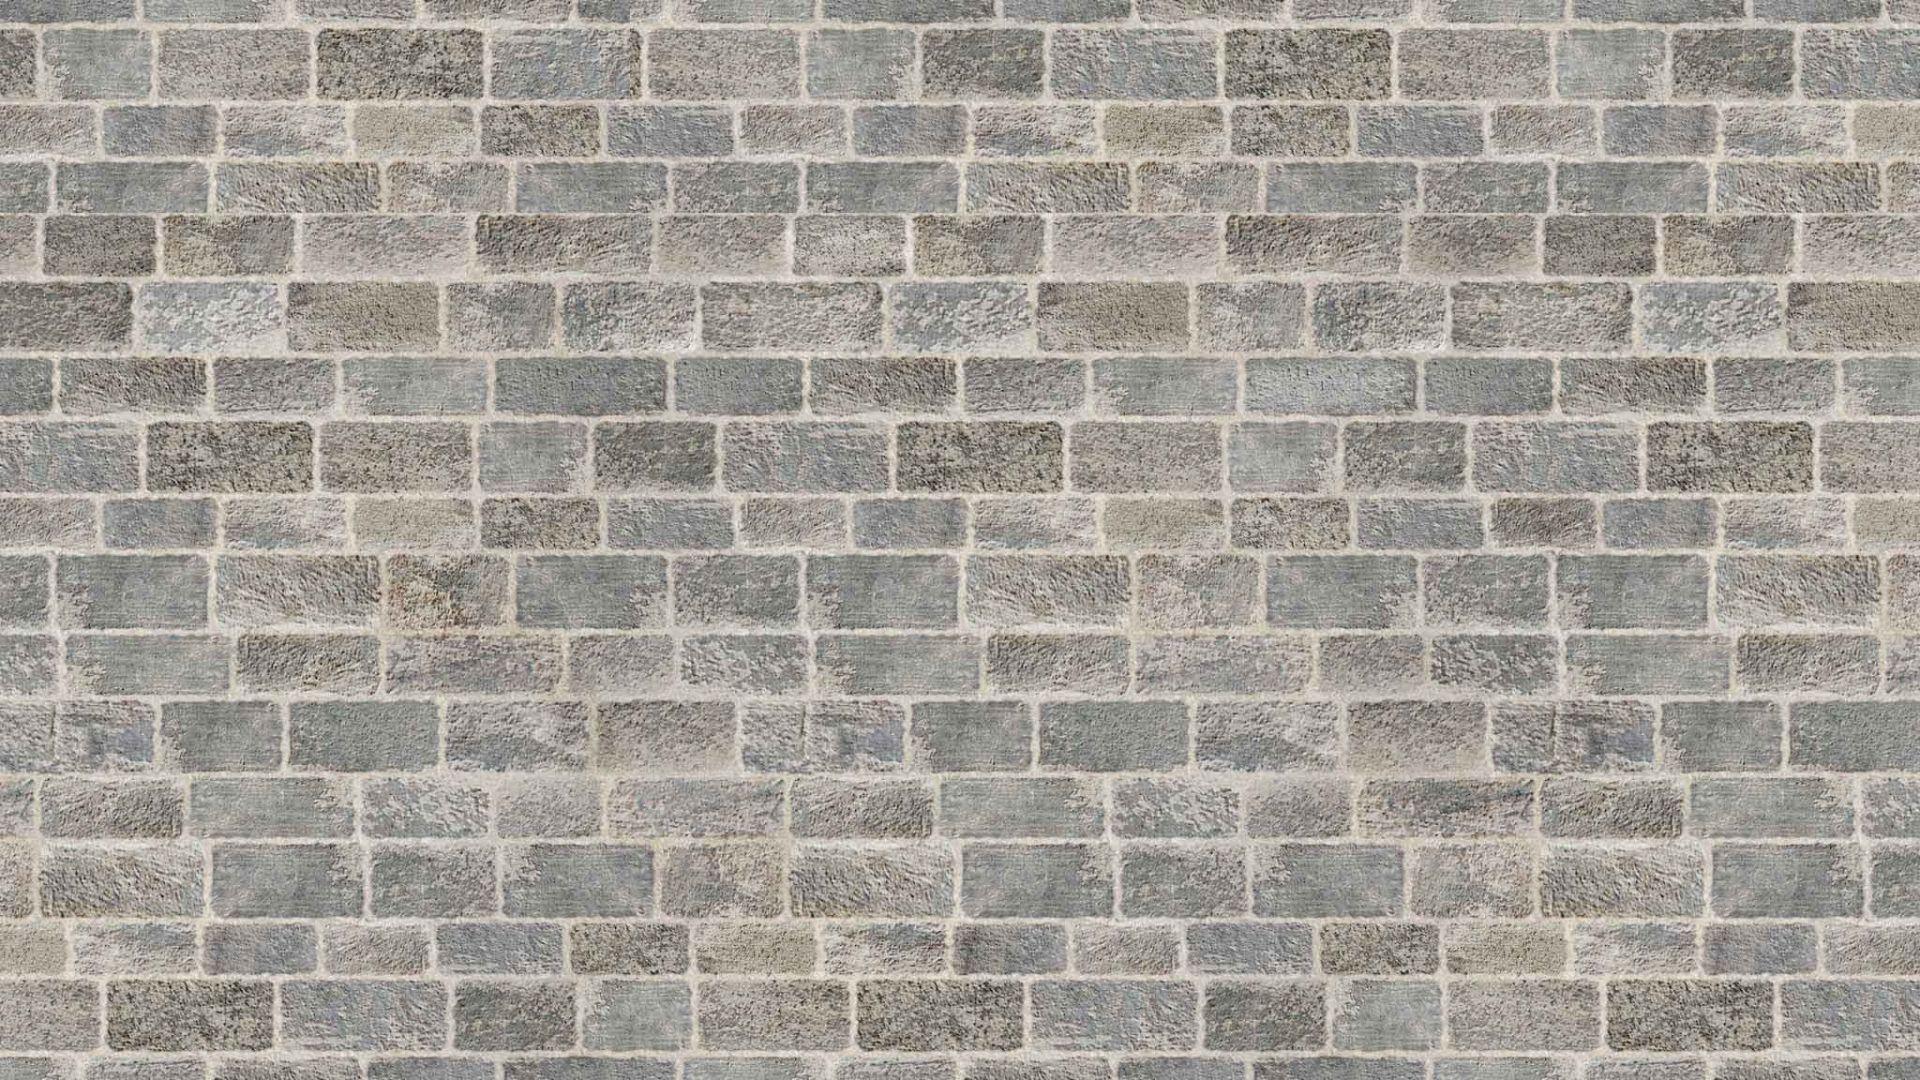 Brick Paper Backdrop full hd 1080p wallpaper